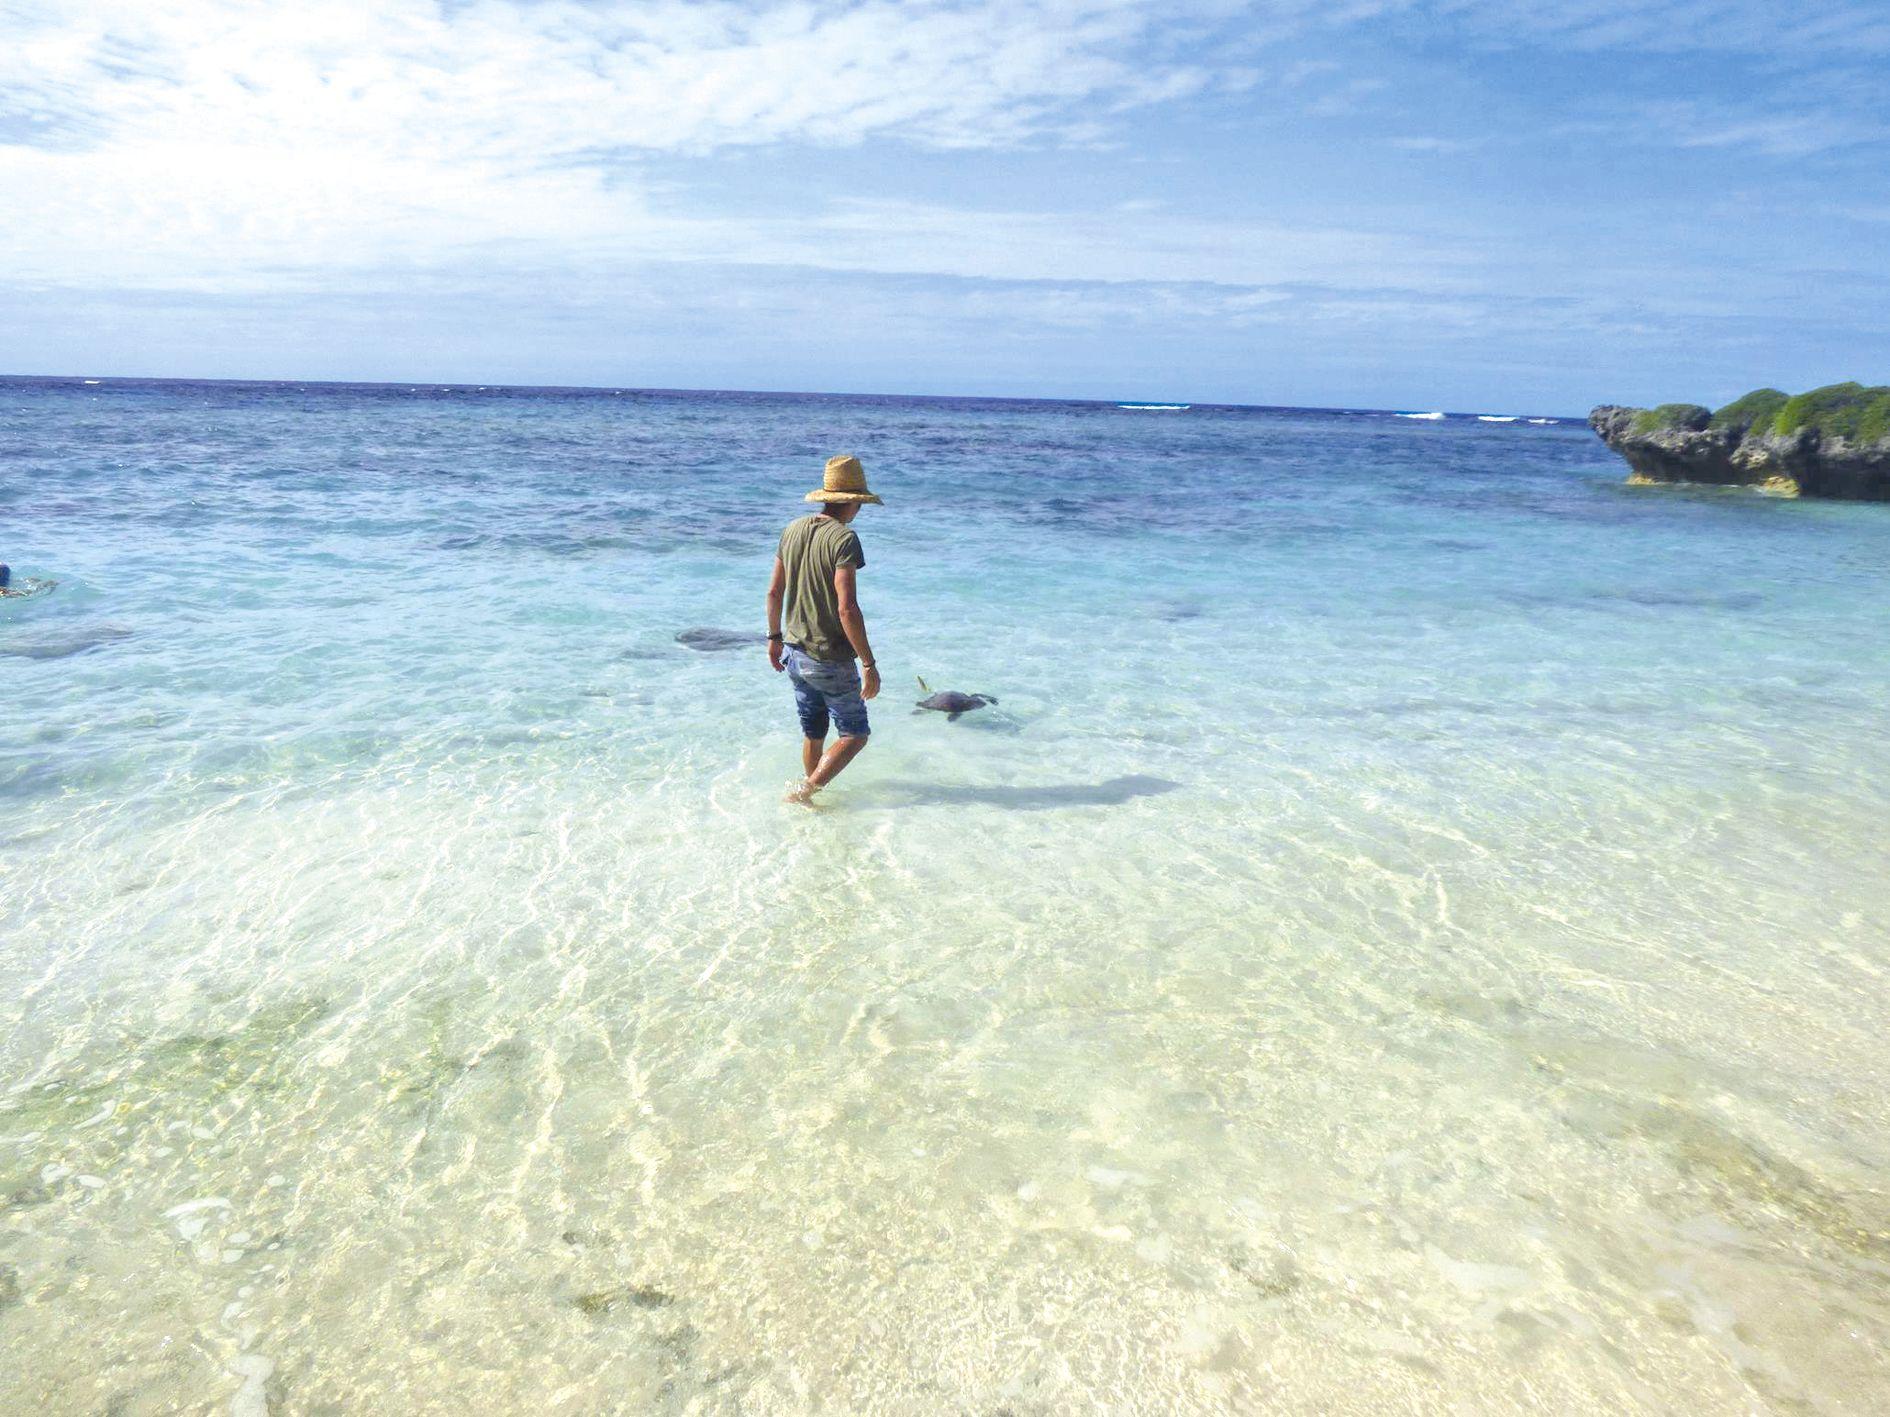 Antoine Barnaud, le vétérinaire de la PIL, a procédé au  lâcher de la tortue, qui a aussitôt disparu sous les eaux.